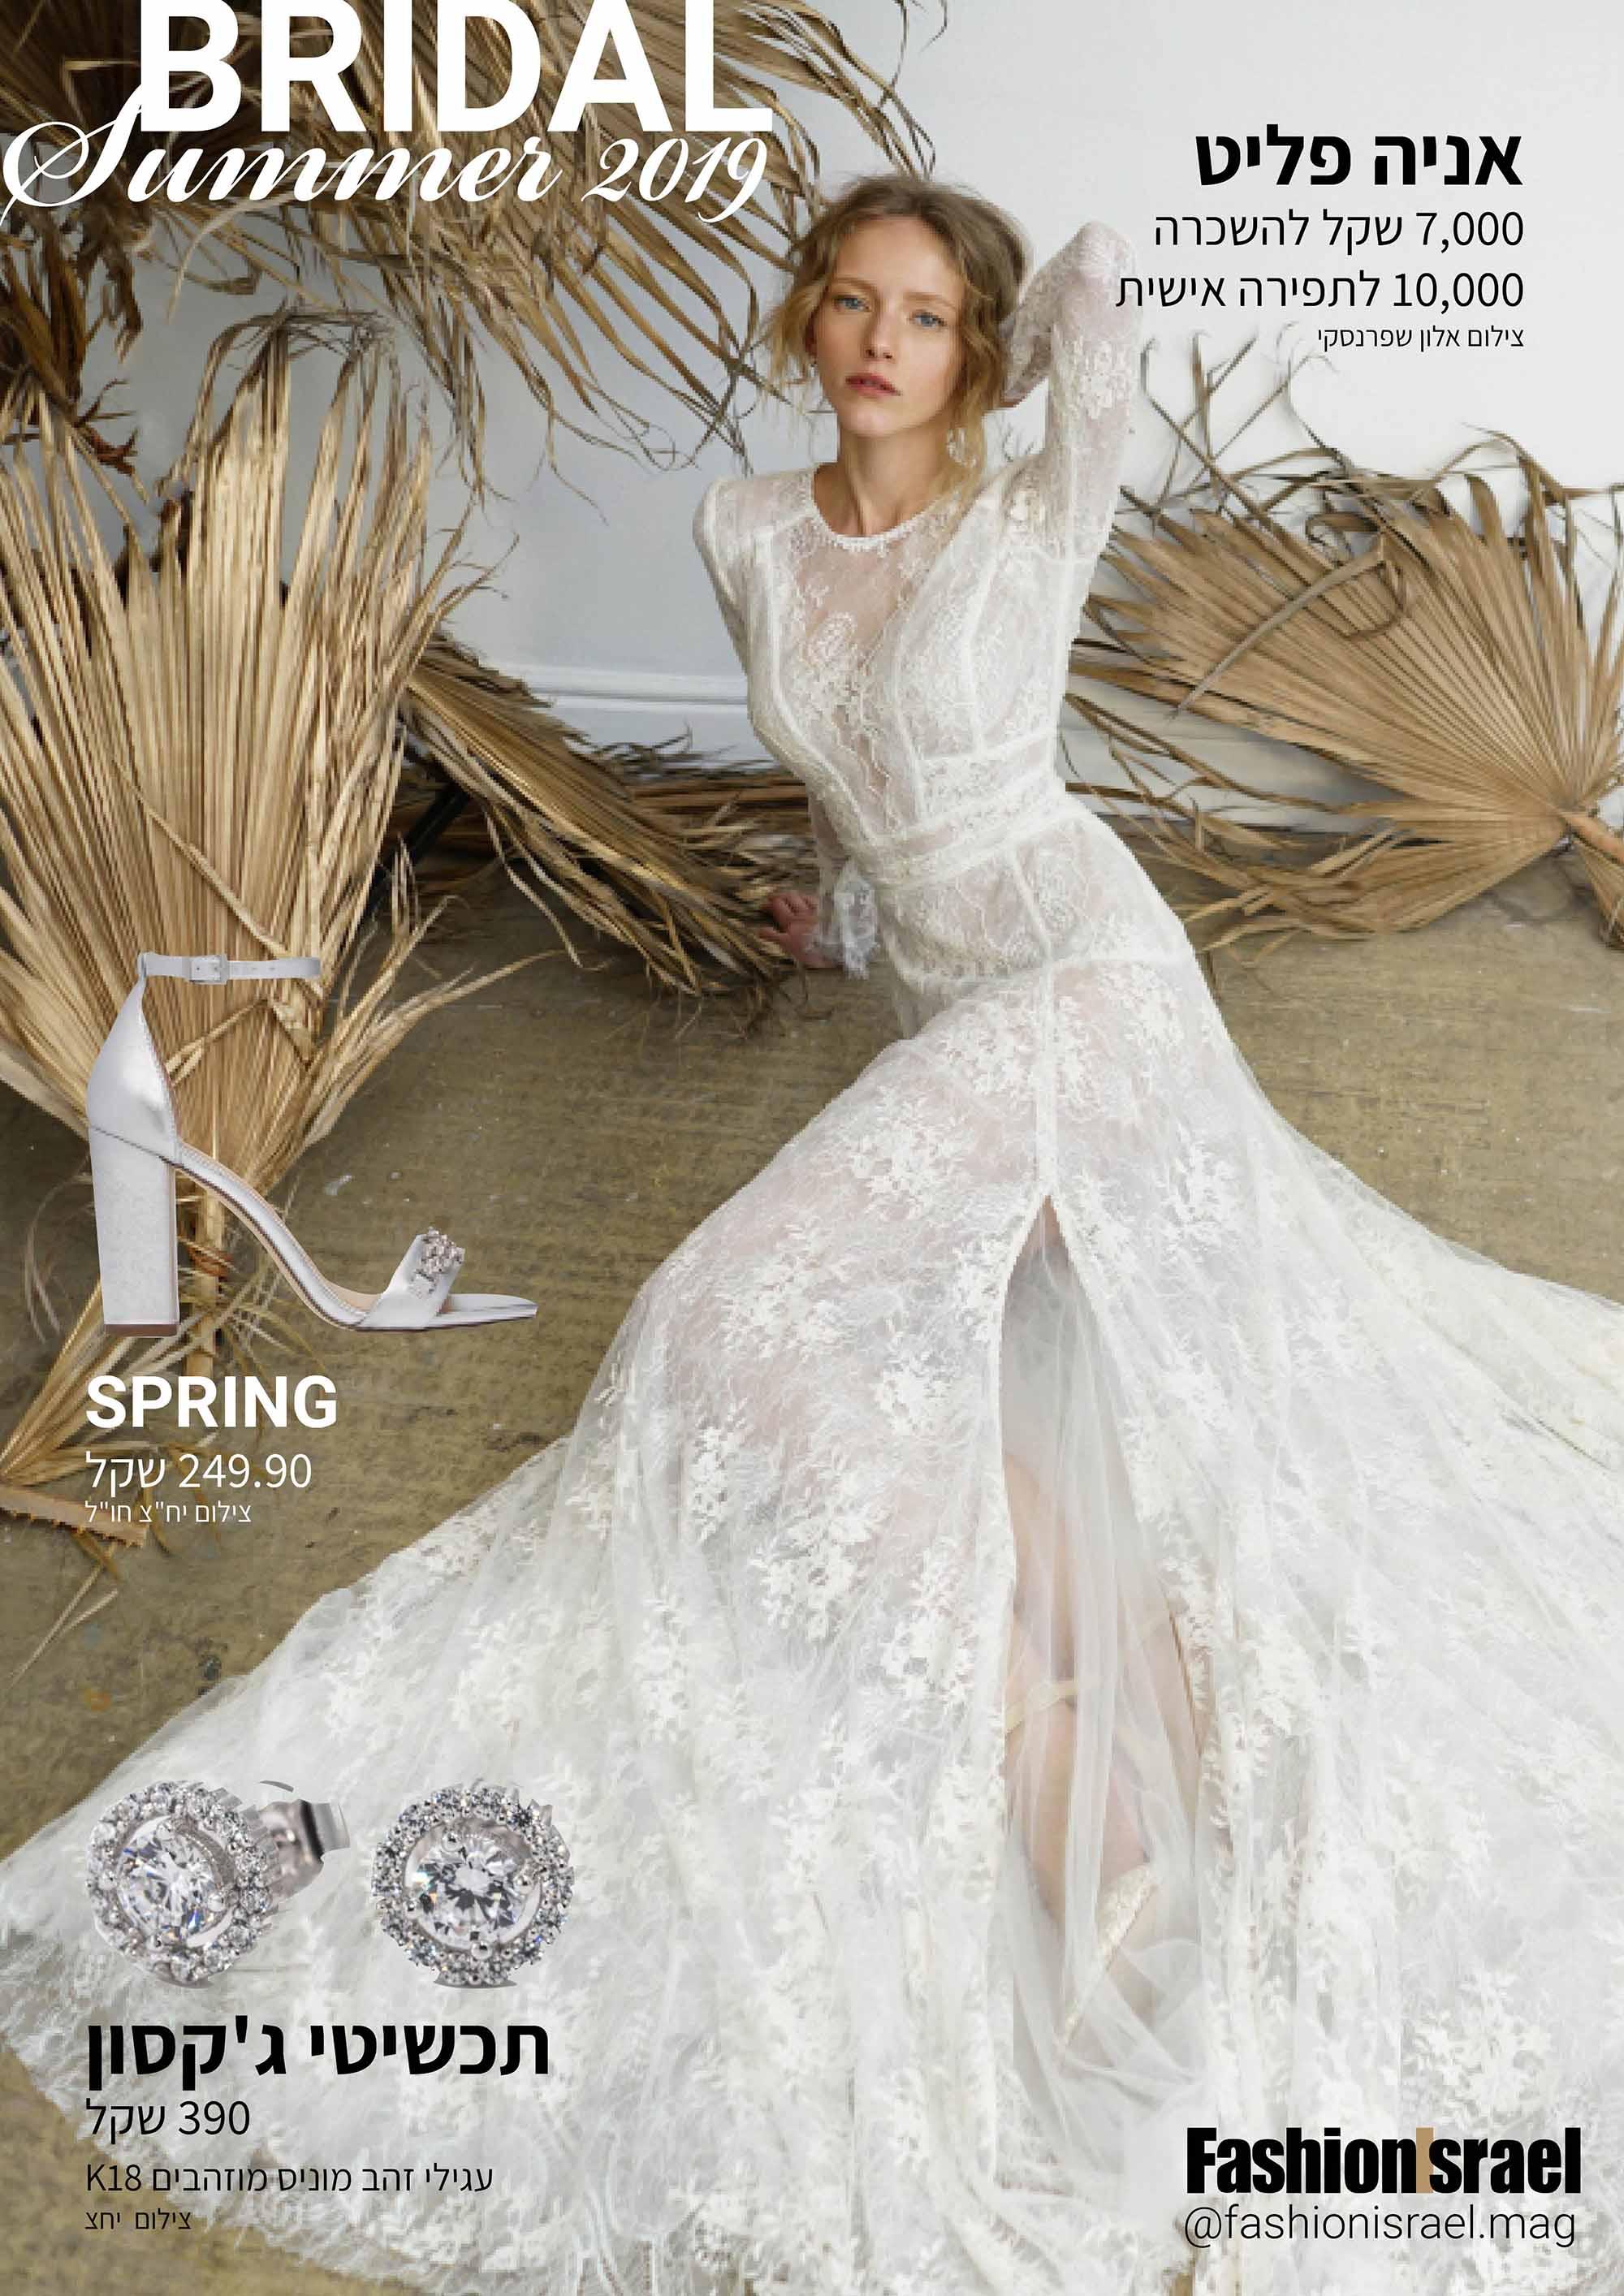 שמלת כלה: אניה פליט, תכשיטים: תכשיטי ג׳קסון, נעליים: SPRING